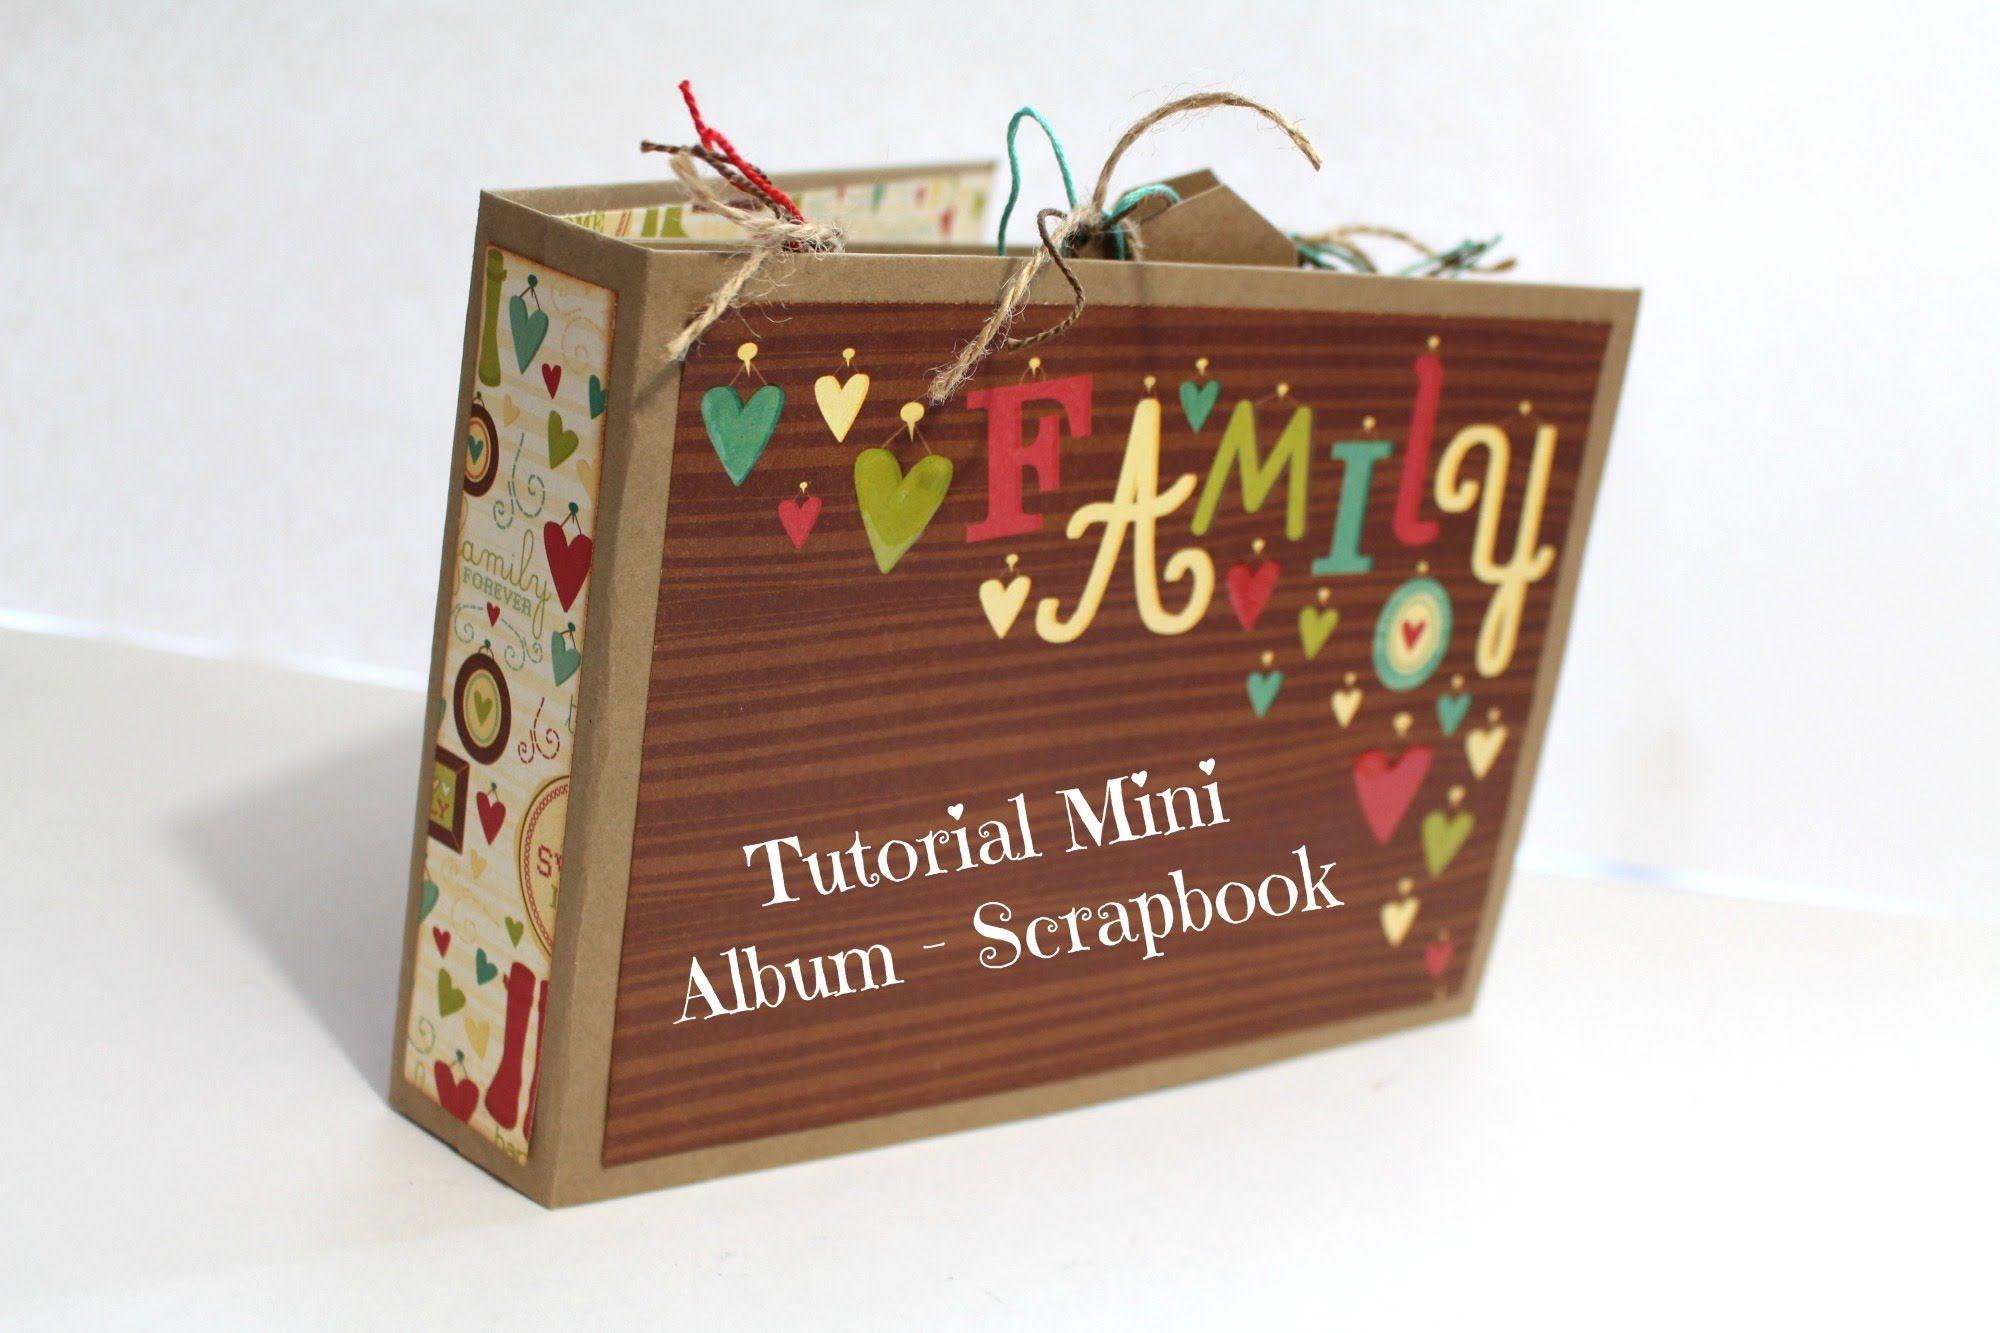 Diy mini album scrapbook for boyfriend 2014 youtube - Mini Album Tutorial